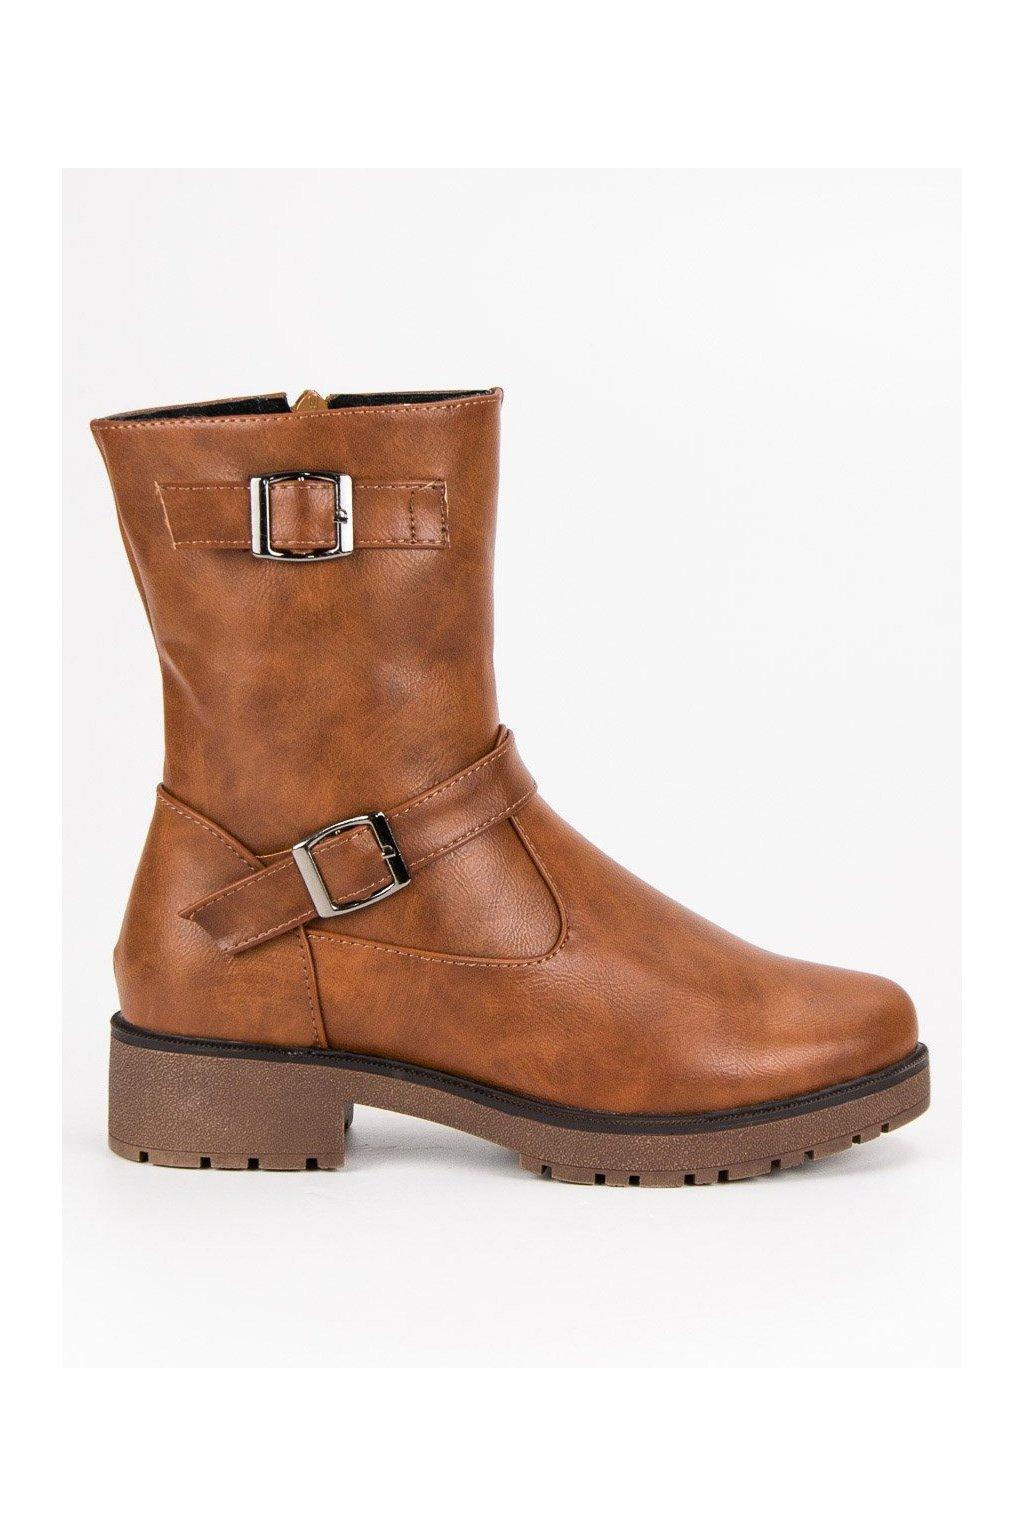 Béžové topánky workery zateplené